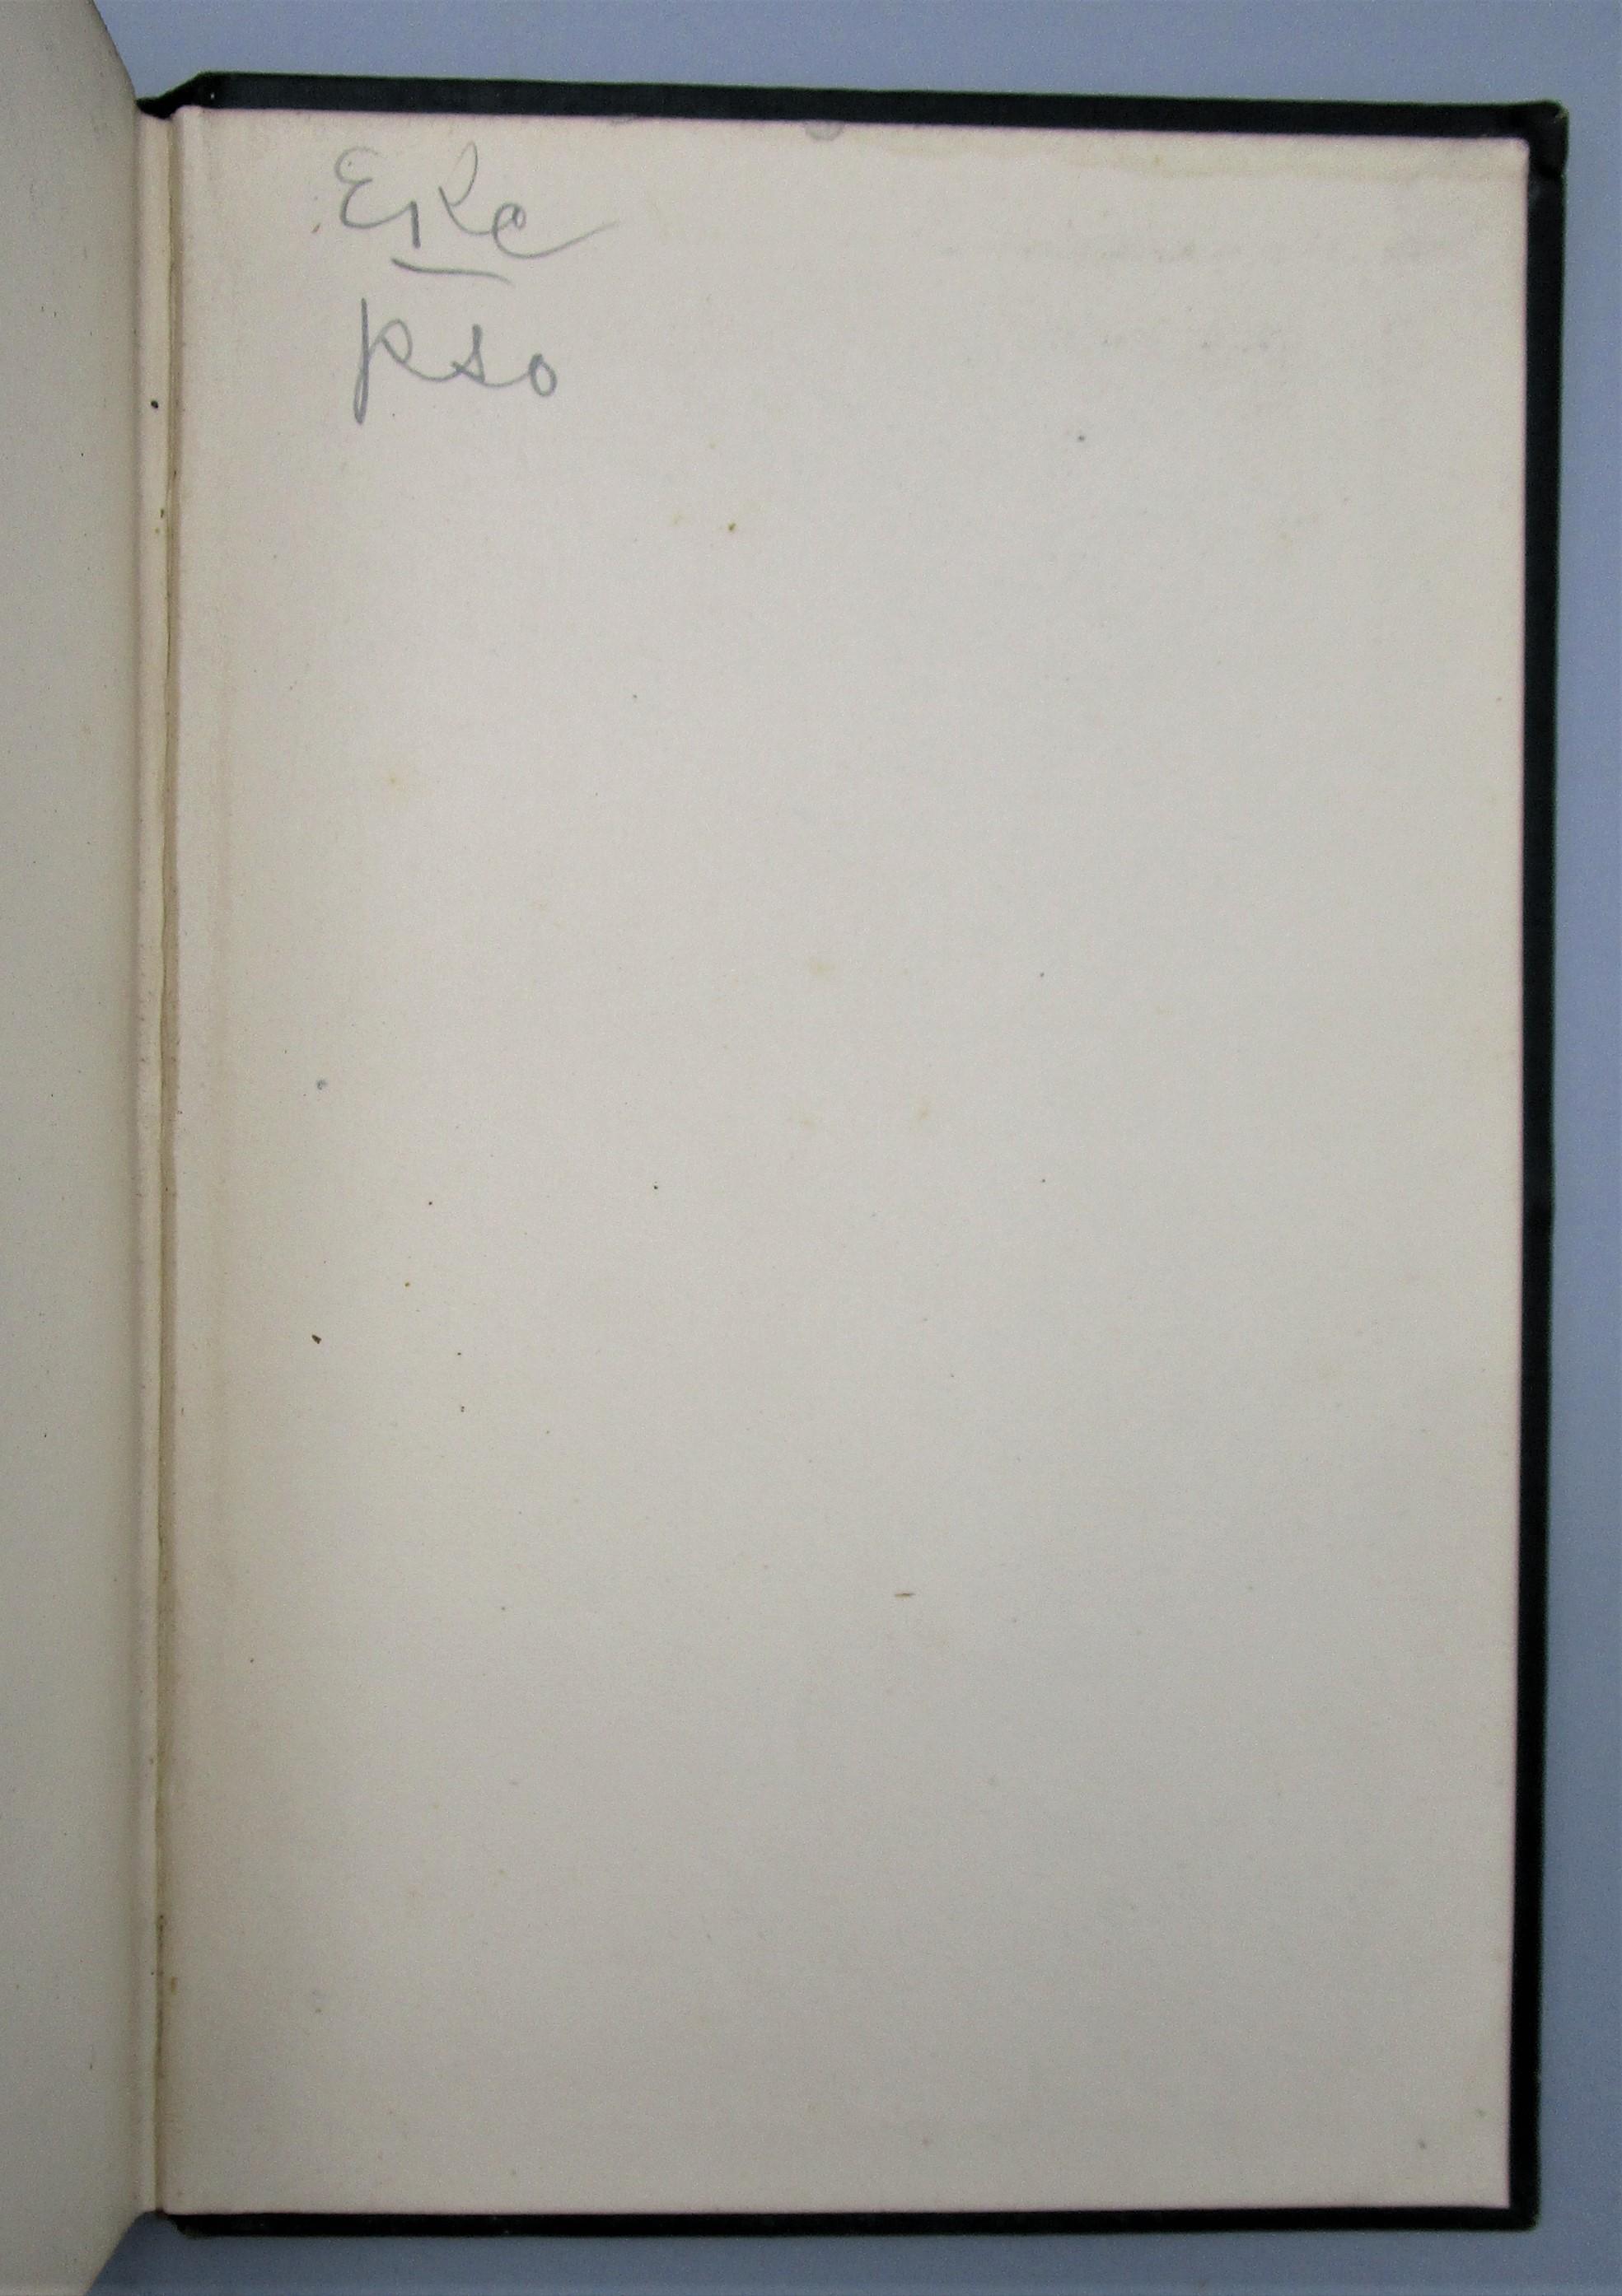 STRANGE CASE OF DR JEKYLL AND MR HYDE, by Robert Louis Stevenson - 1886 [1st Ed]